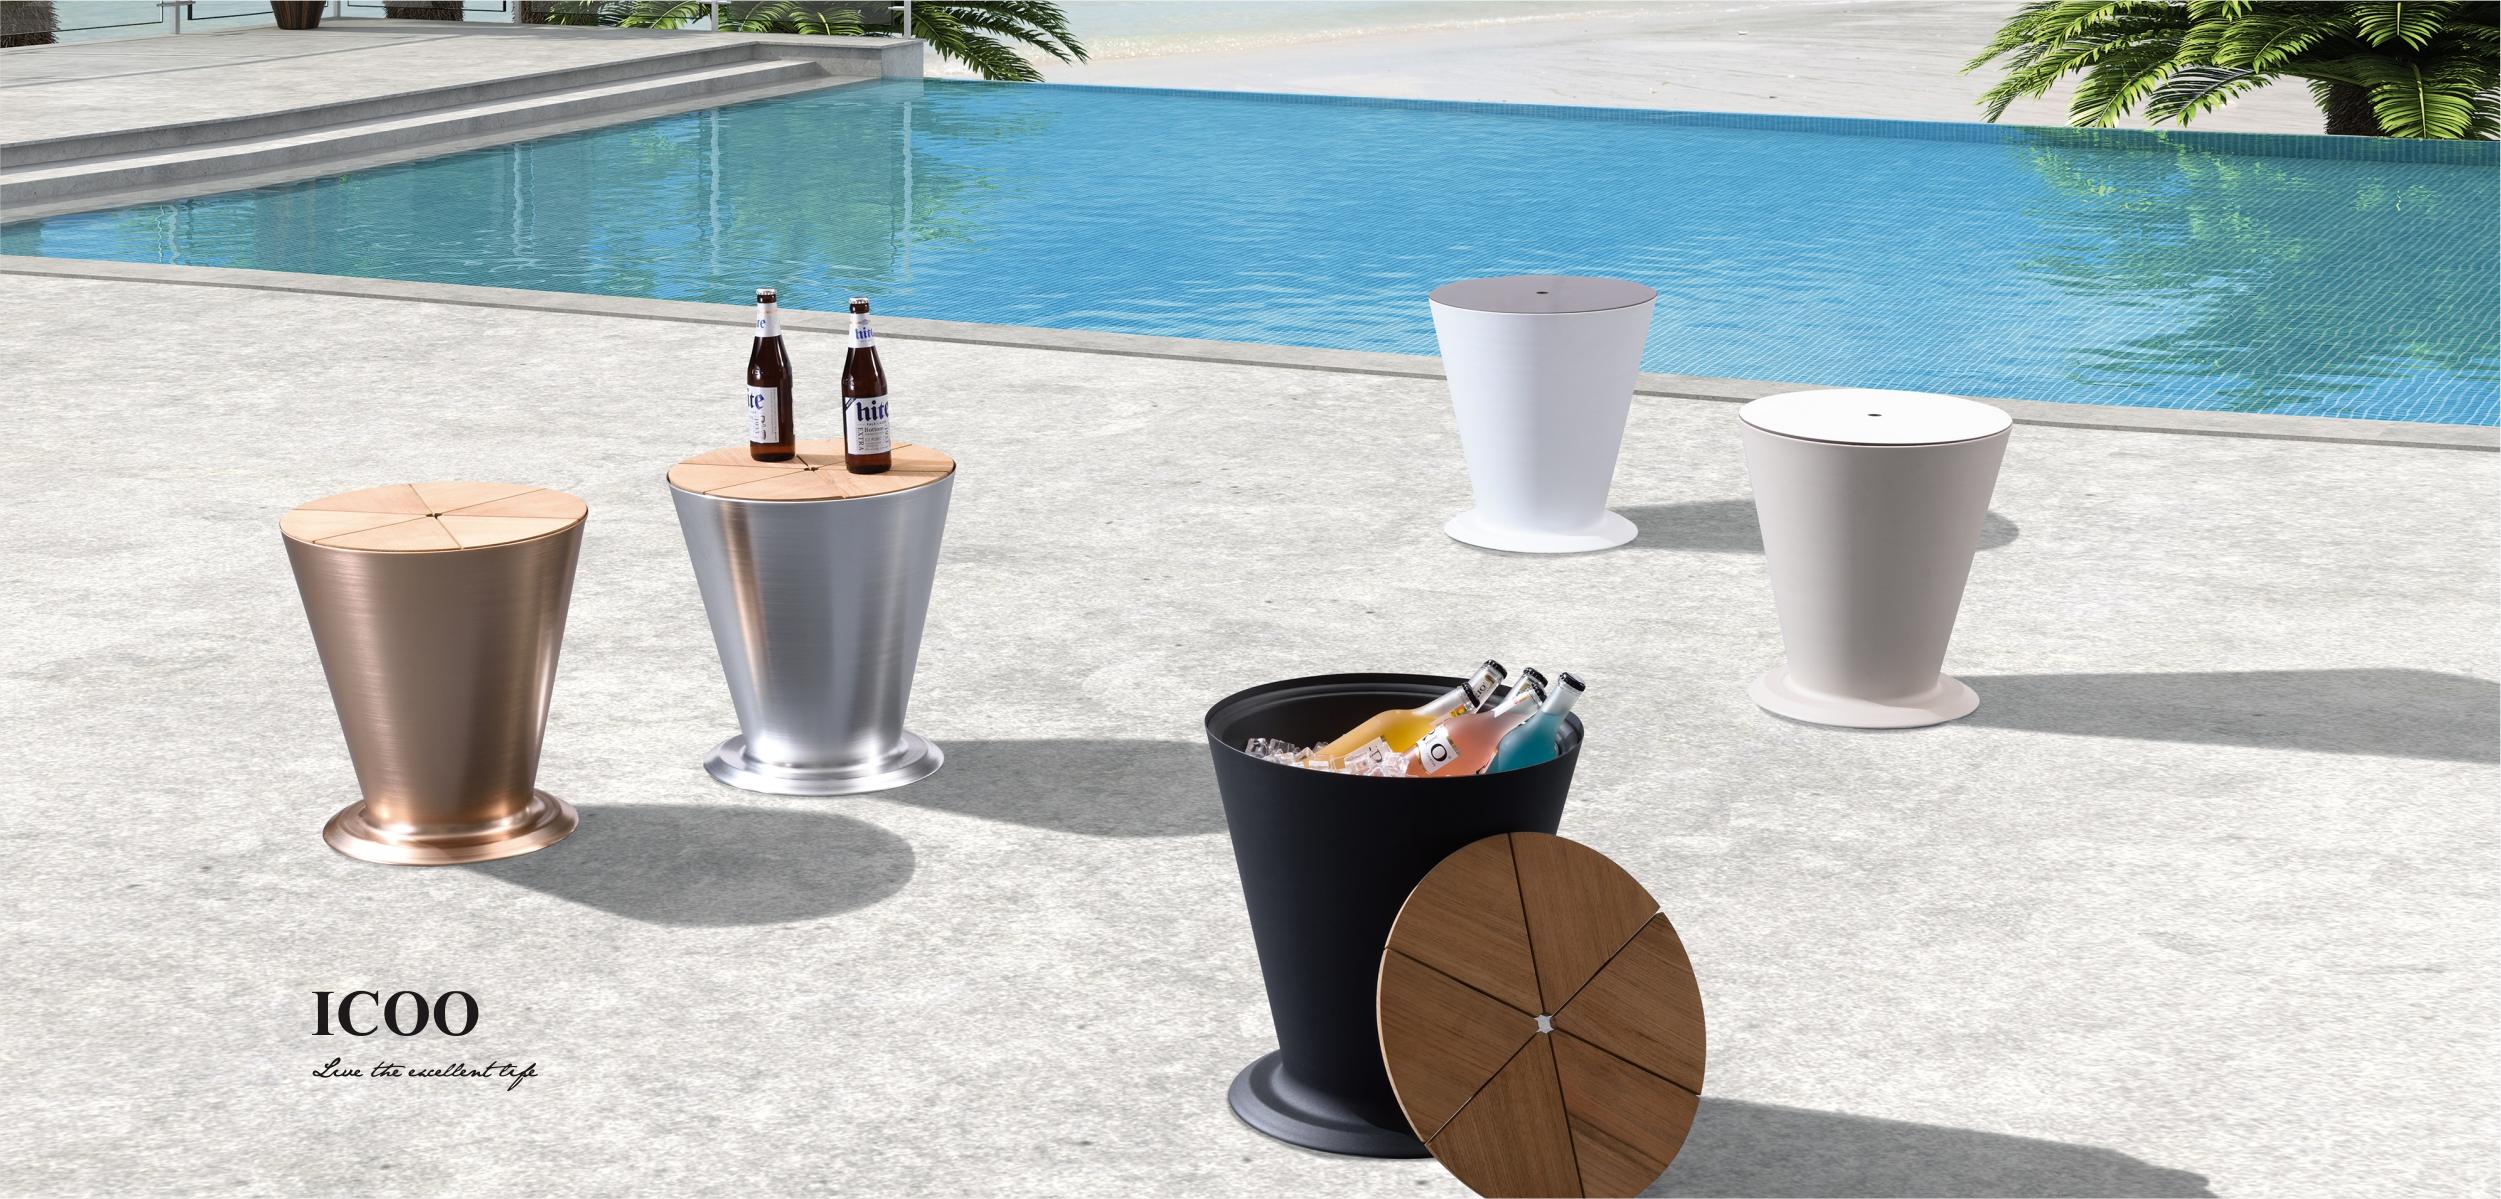 Icoo Ice Bucket, Flower Basket